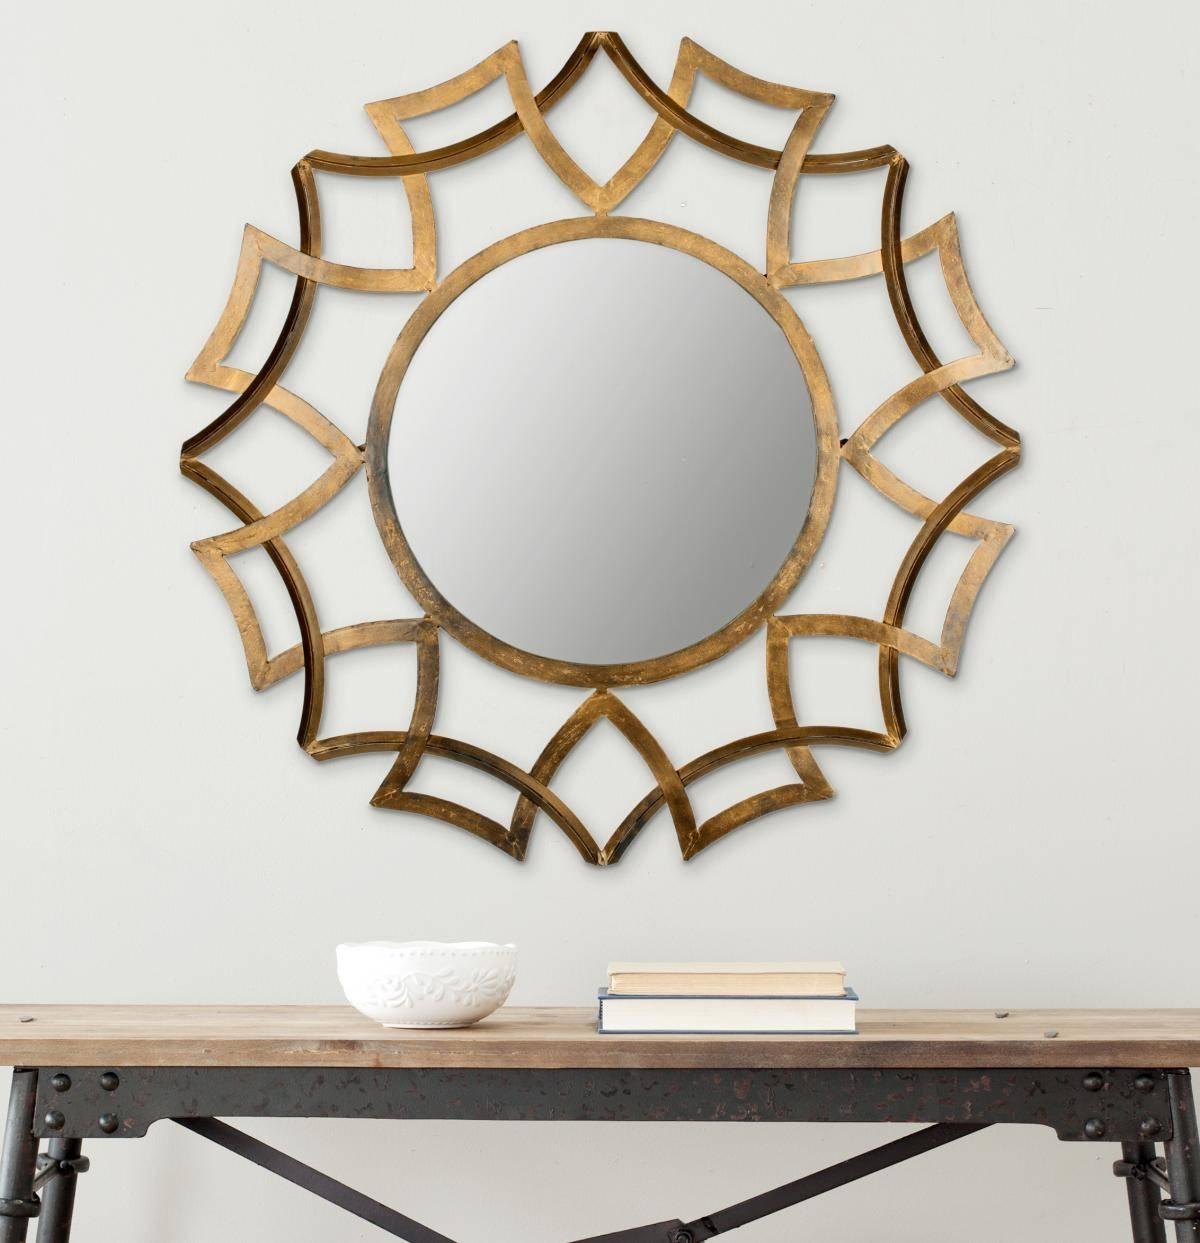 Interior & Decor: Starburst Mirror | Martha Stewart Sunburst inside Bronze Starburst Mirrors (Image 13 of 25)